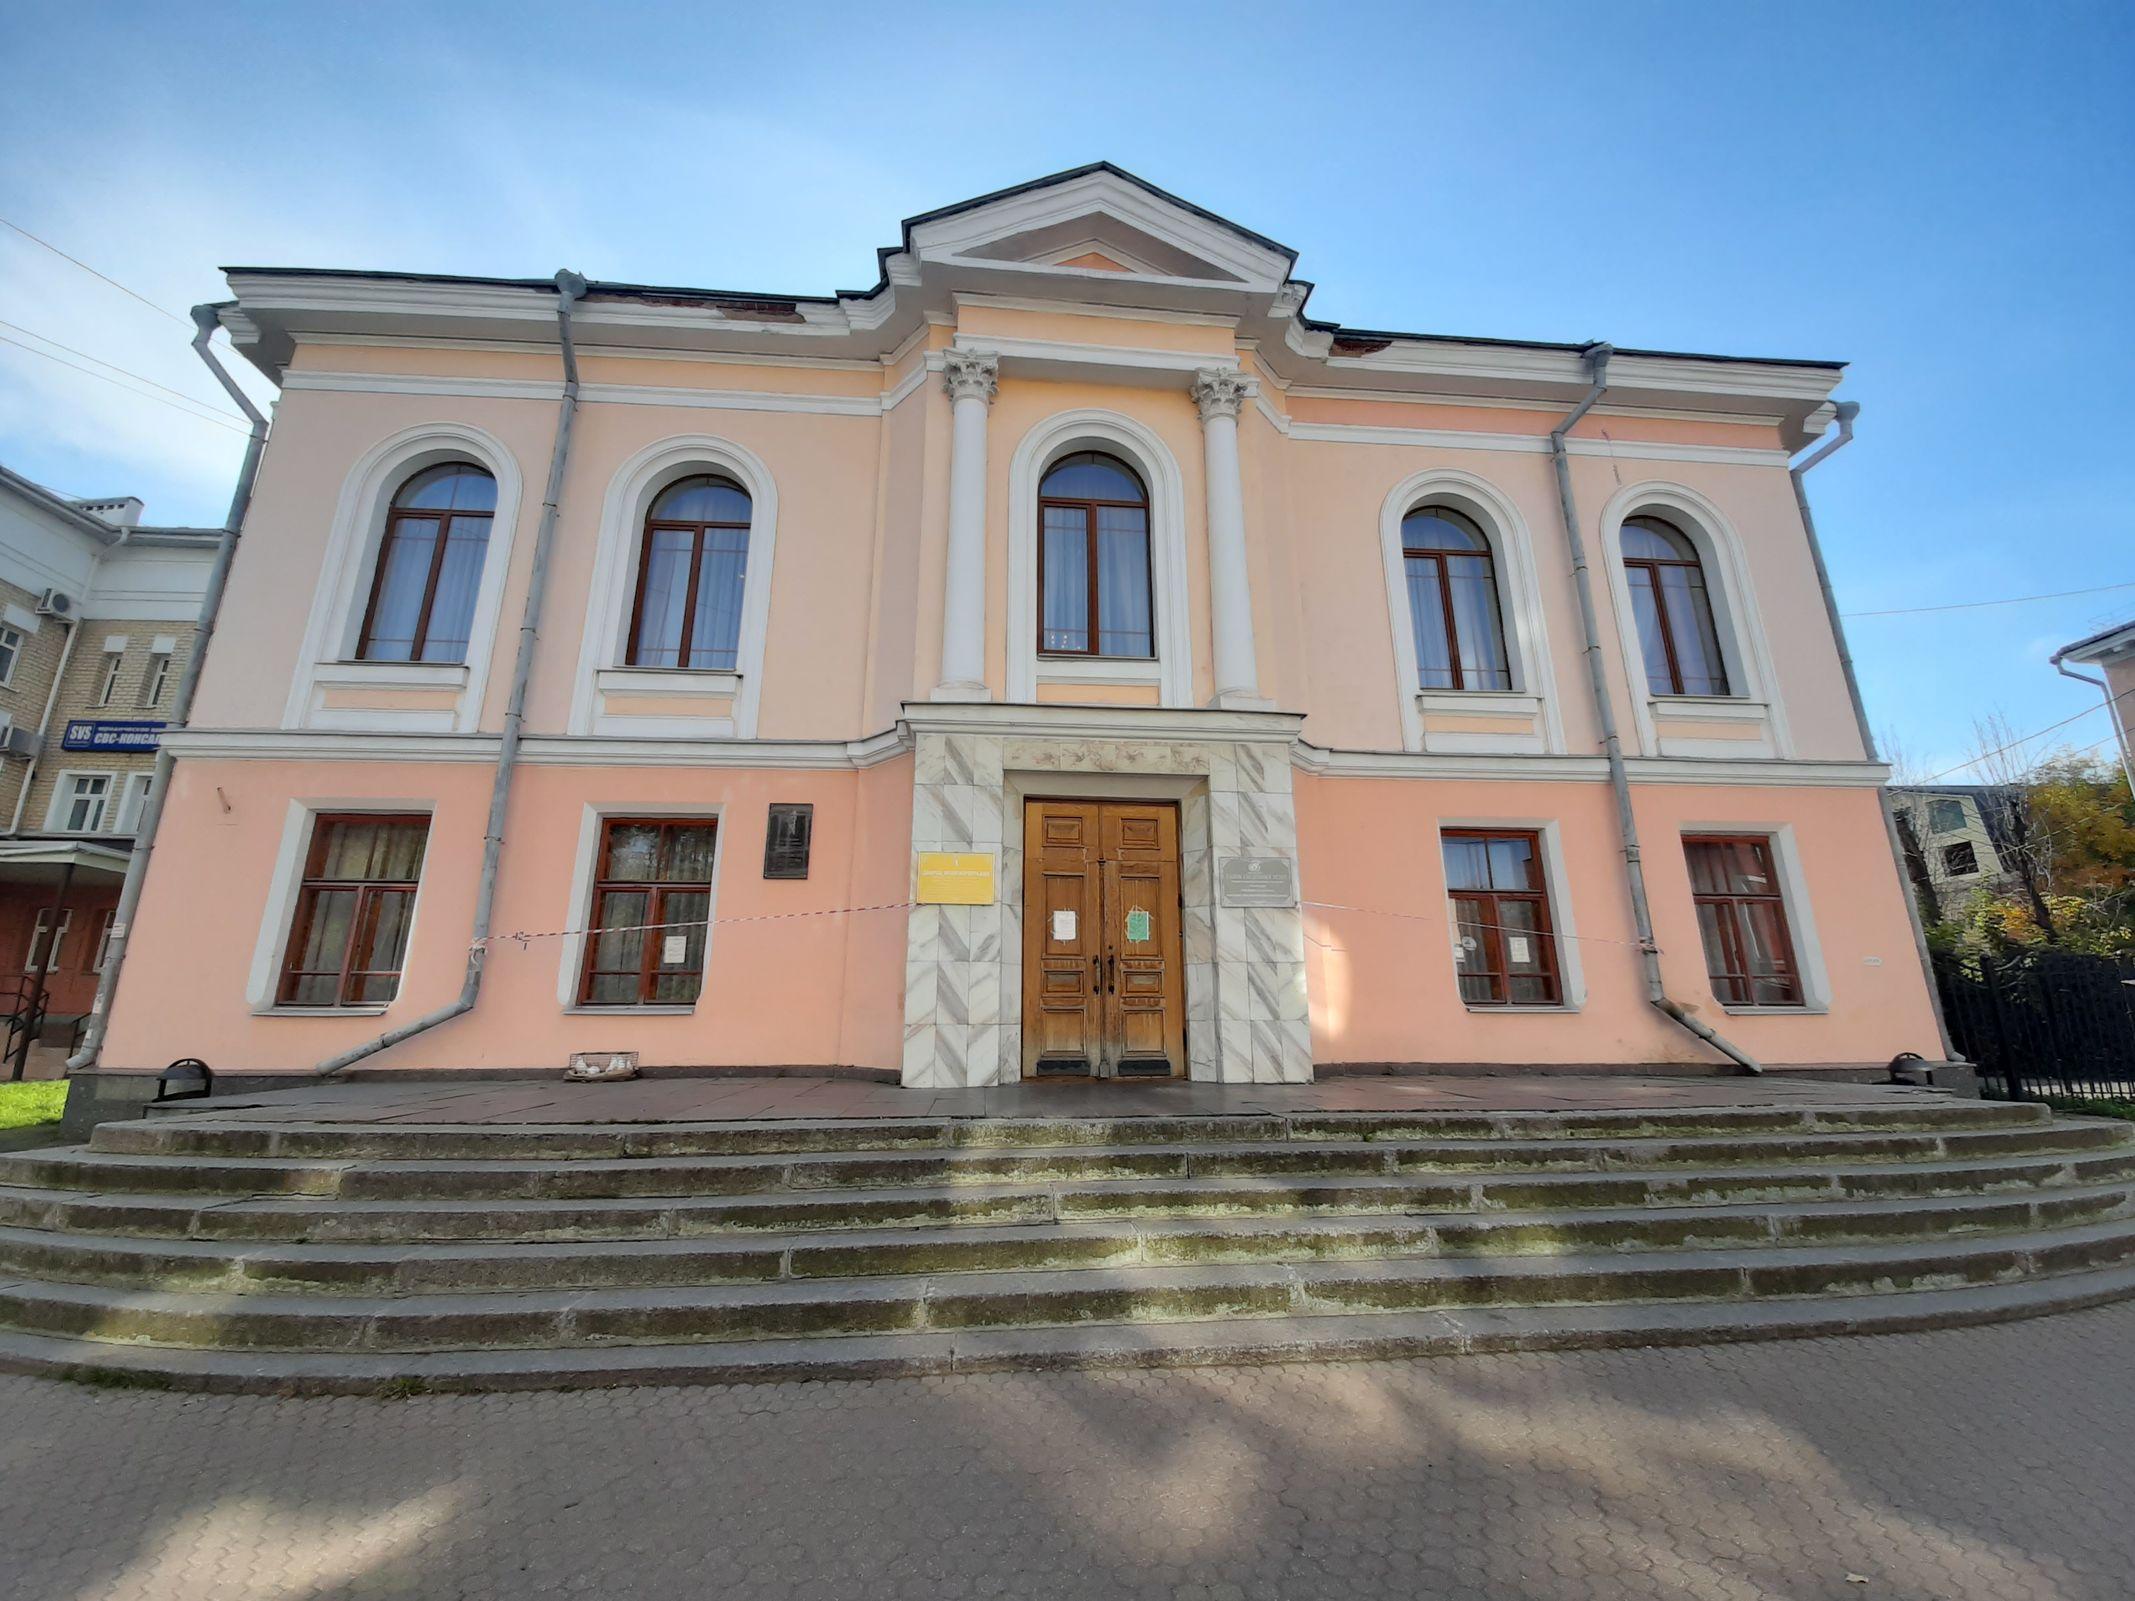 Дворец бракосочетания в Ярославле признали памятником регионального значения